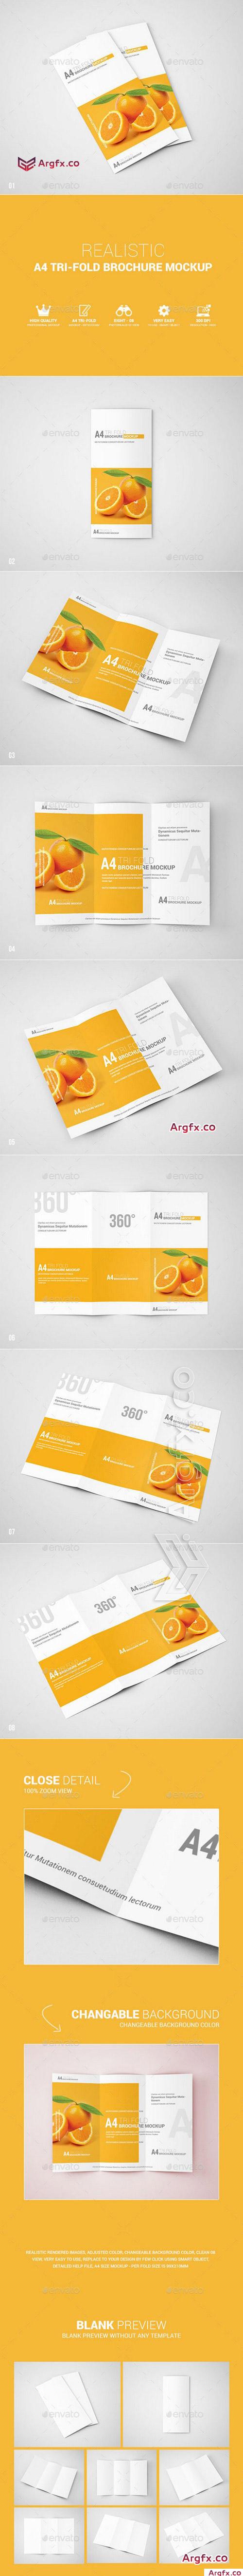 Graphicriver - A4 Tri-Fold Brochure Mockup 11292562